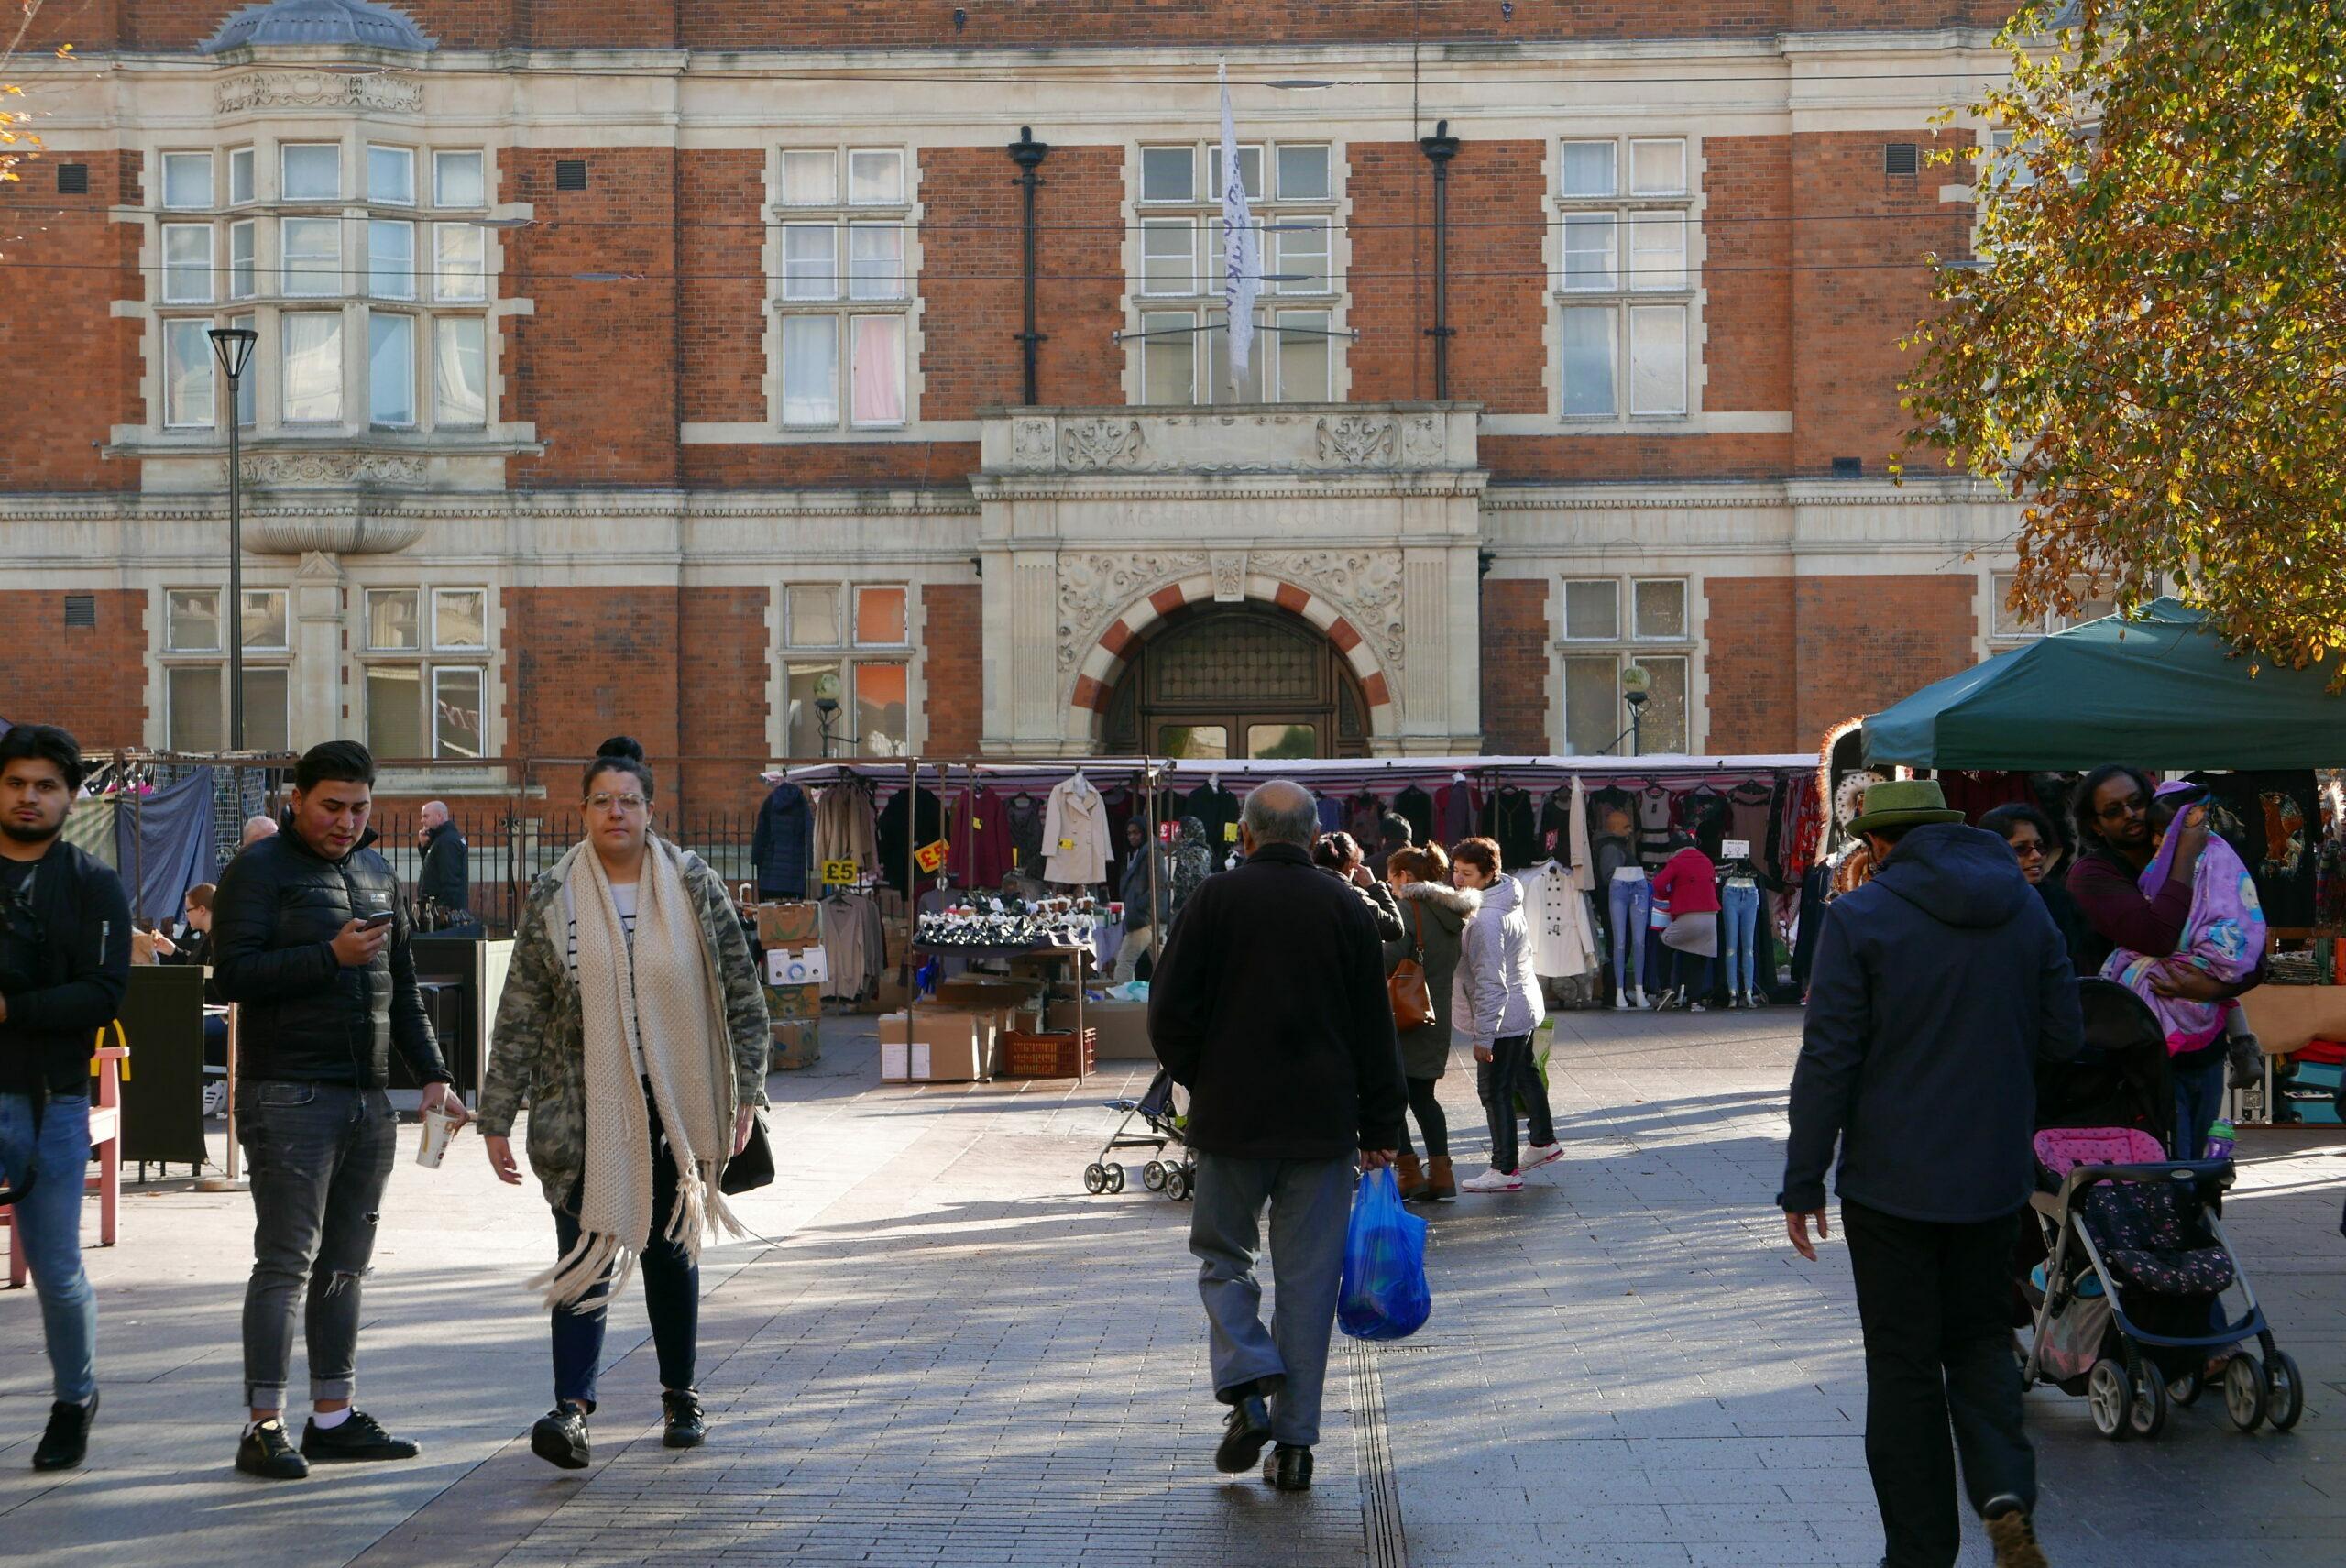 People walking through Barking market